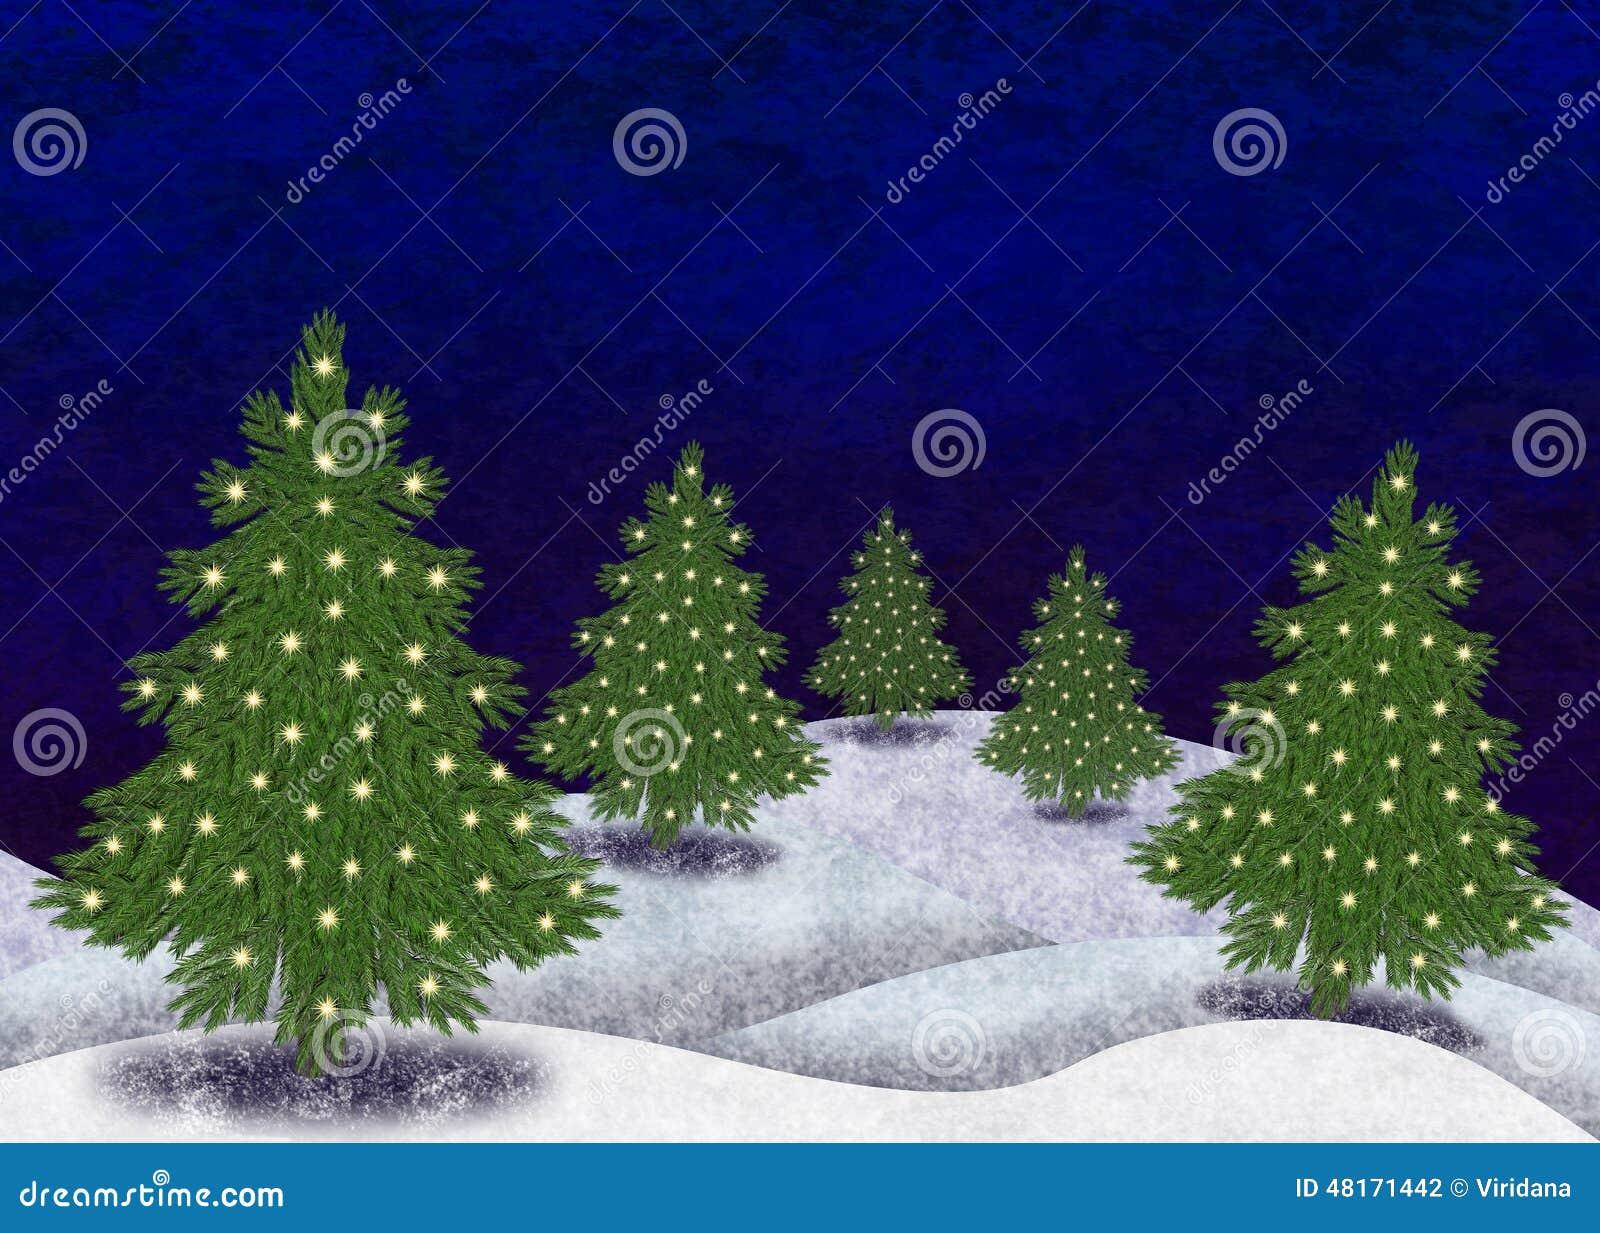 Paisaje nevado con los rboles de navidad stock de - Paisaje nevado navidad ...